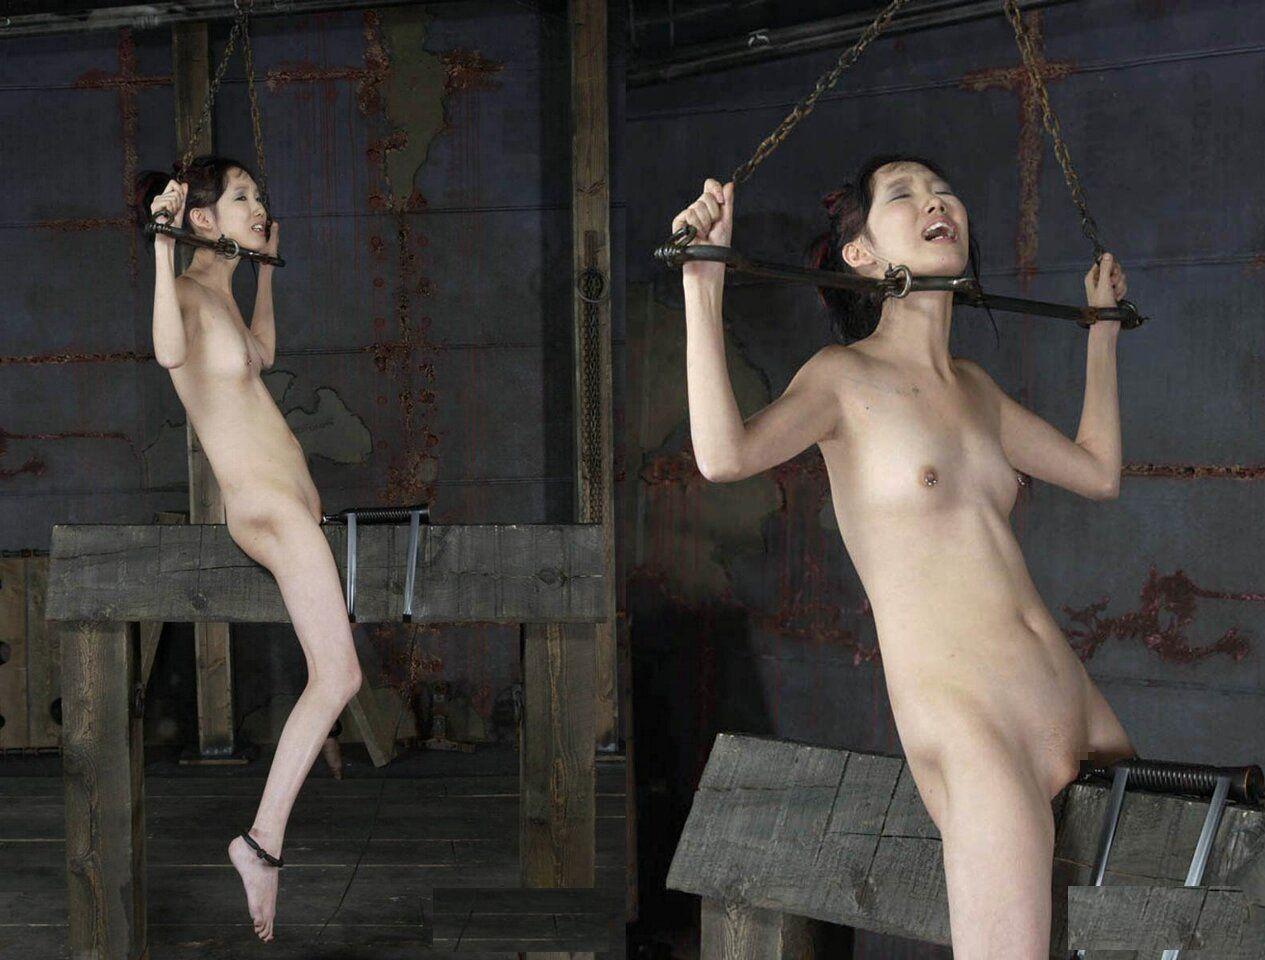 全裸 緊縛 拷問 調教,三角木馬,拷問,エロ画像